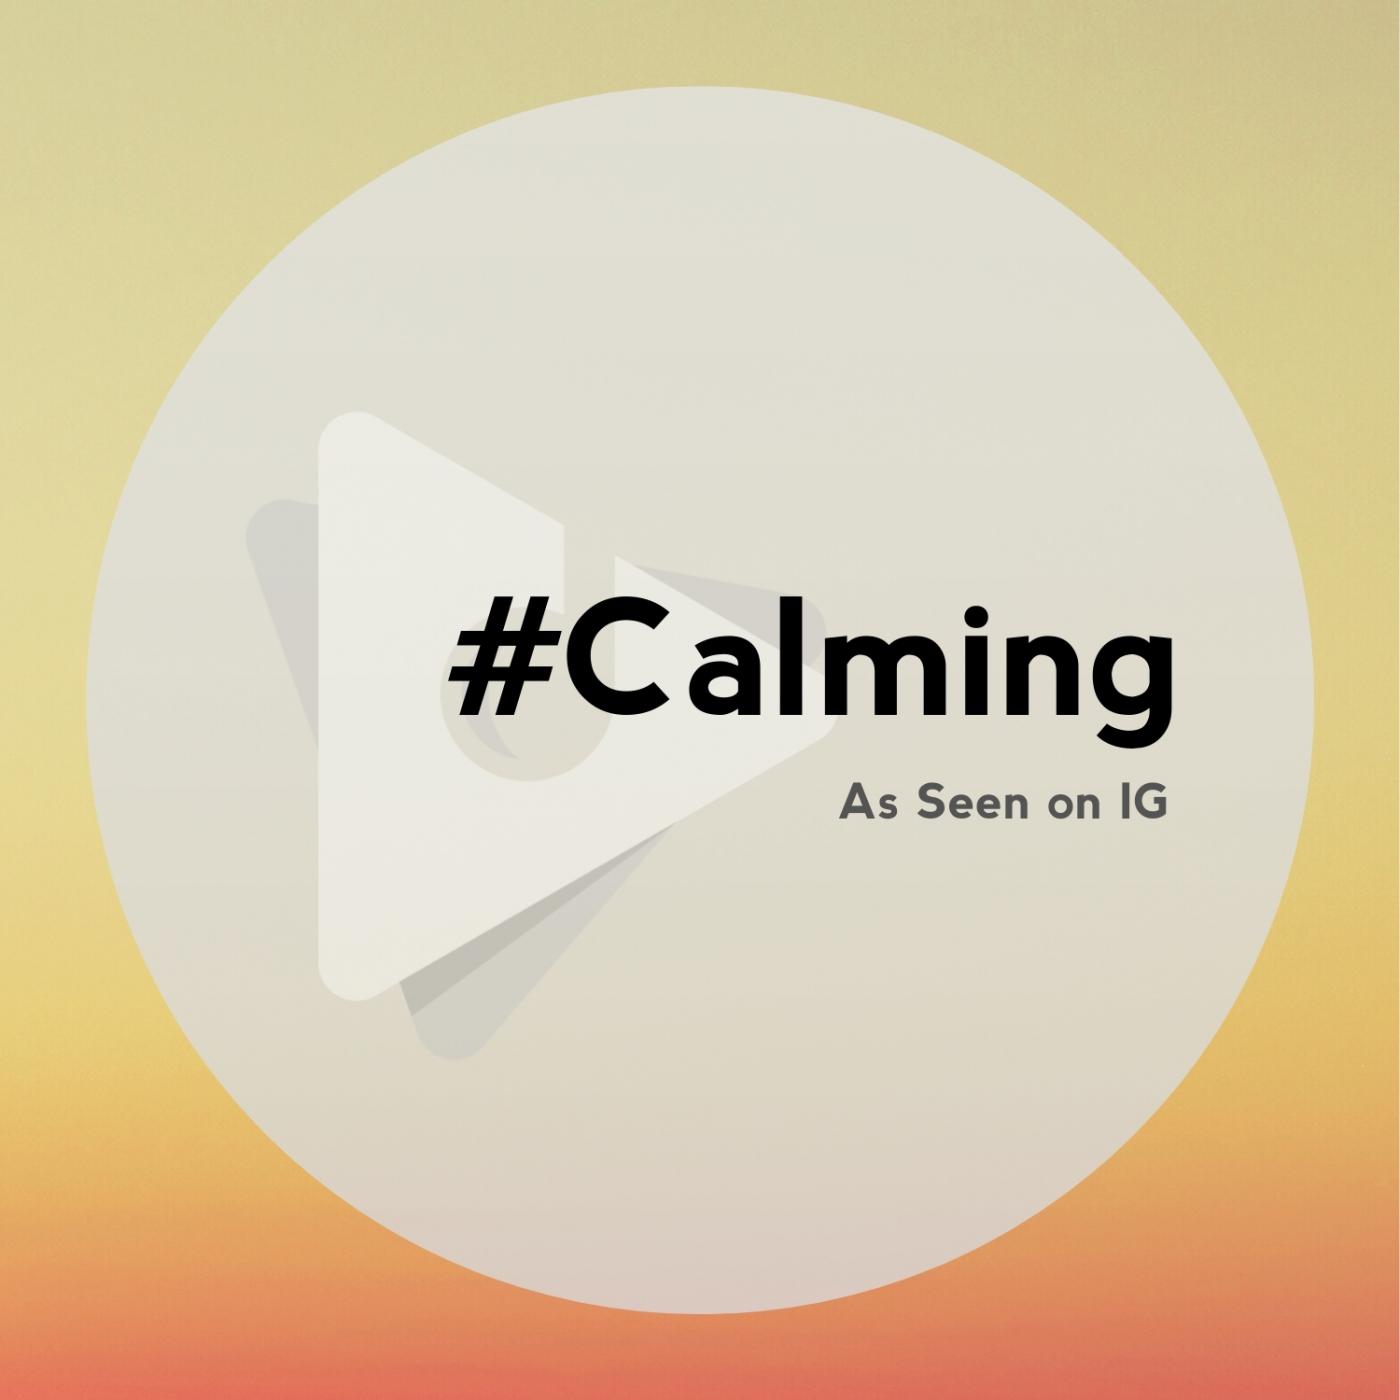 #Calming